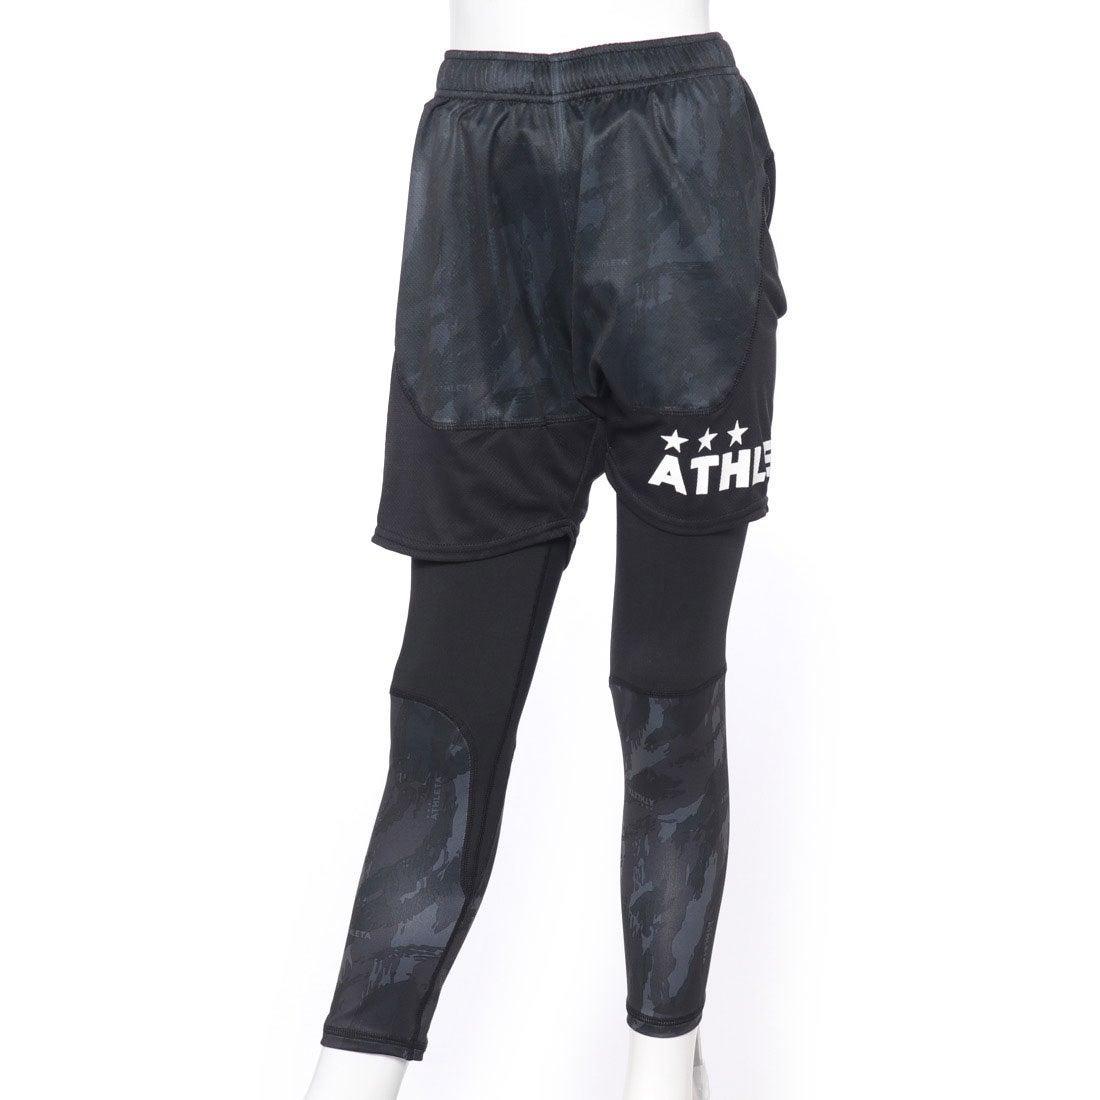 ロコンド 靴とファッションの通販サイトアスレタATHLETAジュニアサッカー/フットサルレイヤードパンツプラパンツインナーセット02230J